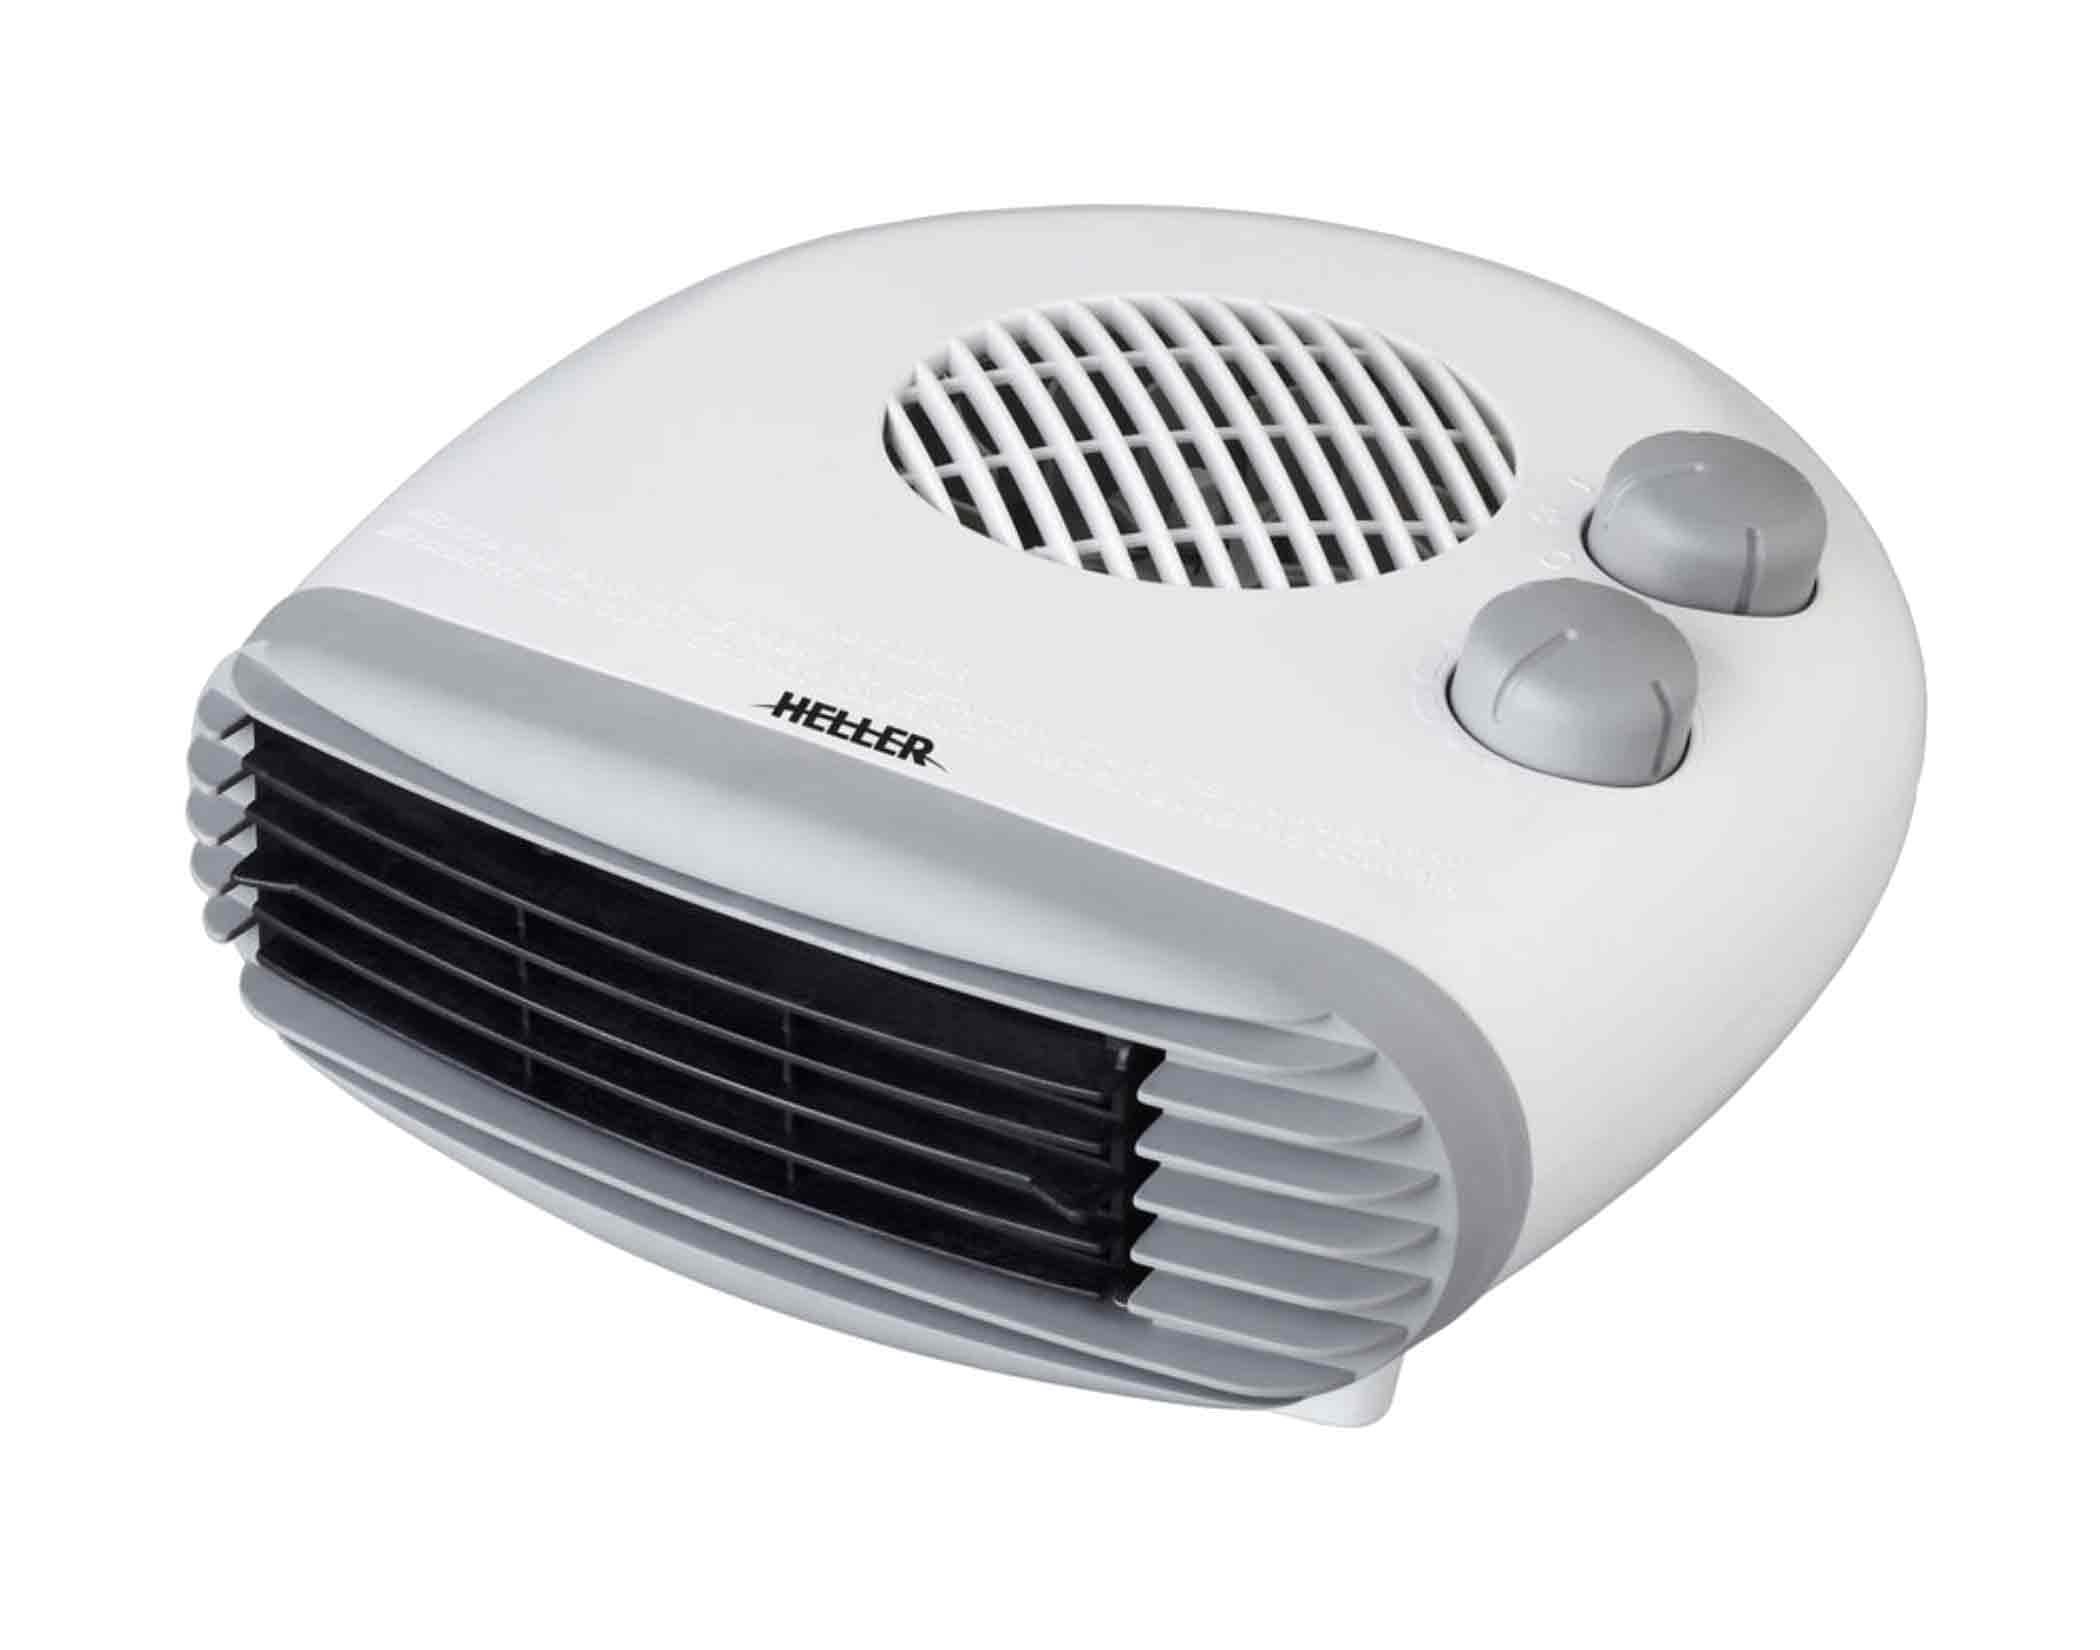 Heller HLF6 2400W Low Profile Fan Heater